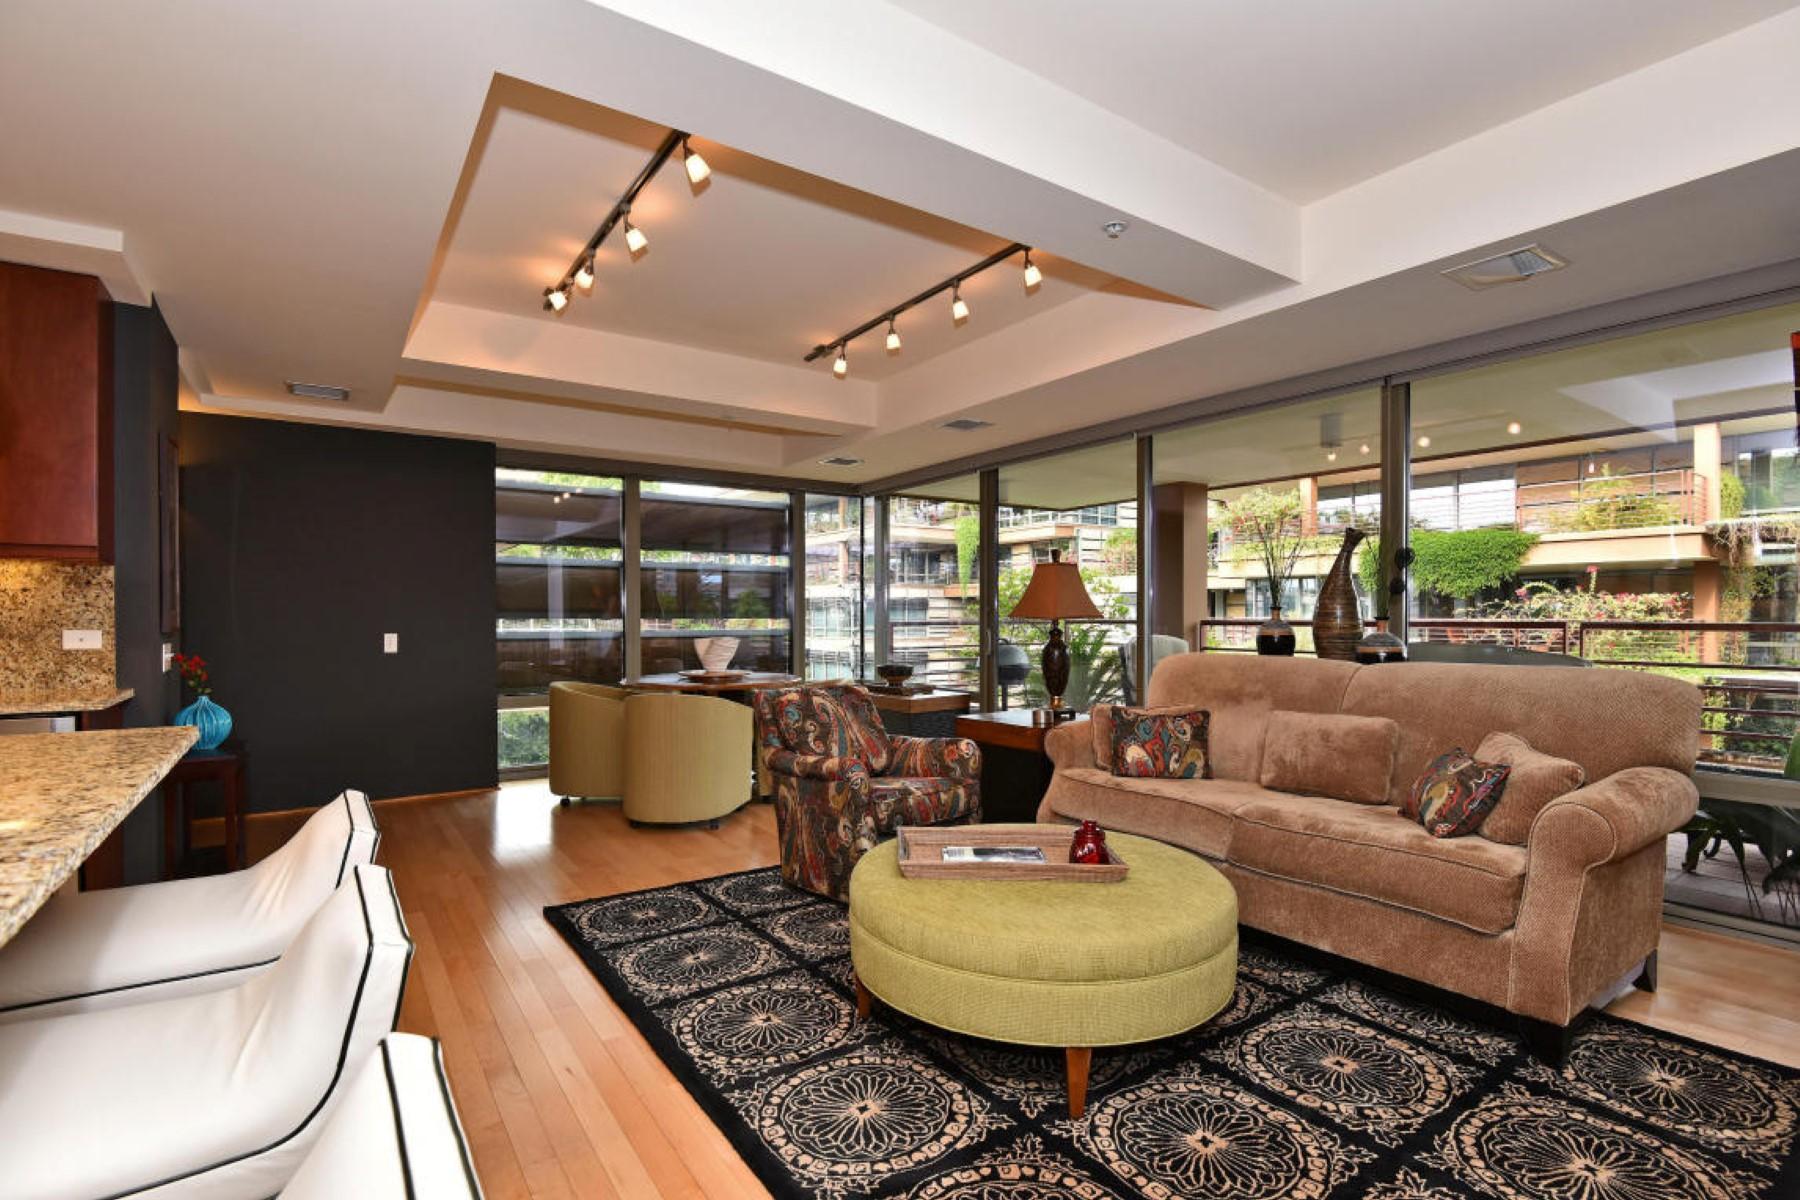 公寓 为 销售 在 Tranquility and serenity of interior living at Optima 7147 E Rancho Vista Dr #5006 斯科茨代尔, 亚利桑那州 85251 美国